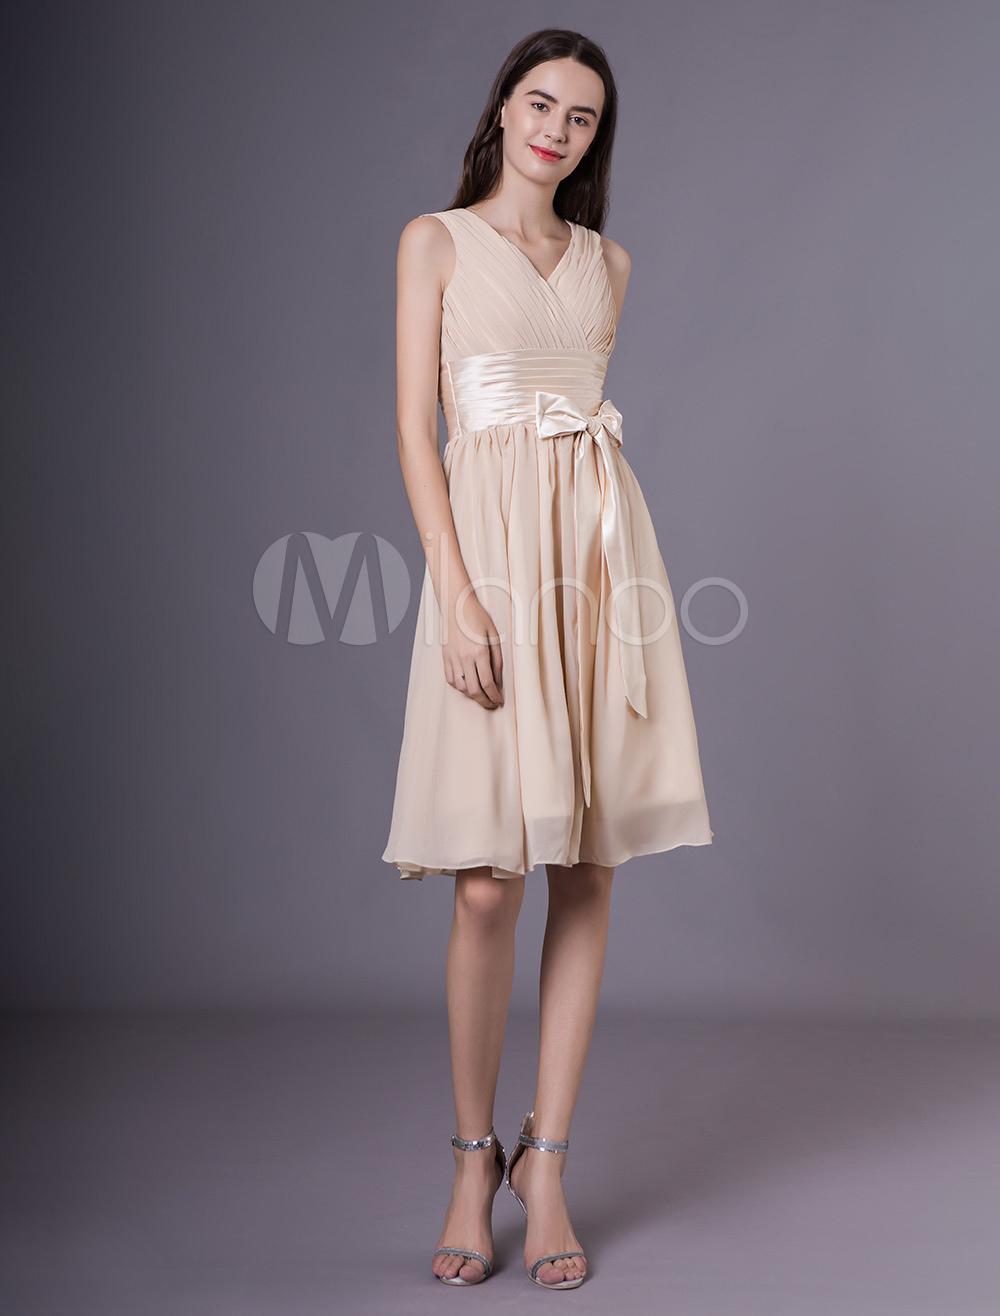 ac42c0850 ... Vestidos cortos de dama de honor Champagne gasa arco Sash vestido de  fiesta de boda- ...